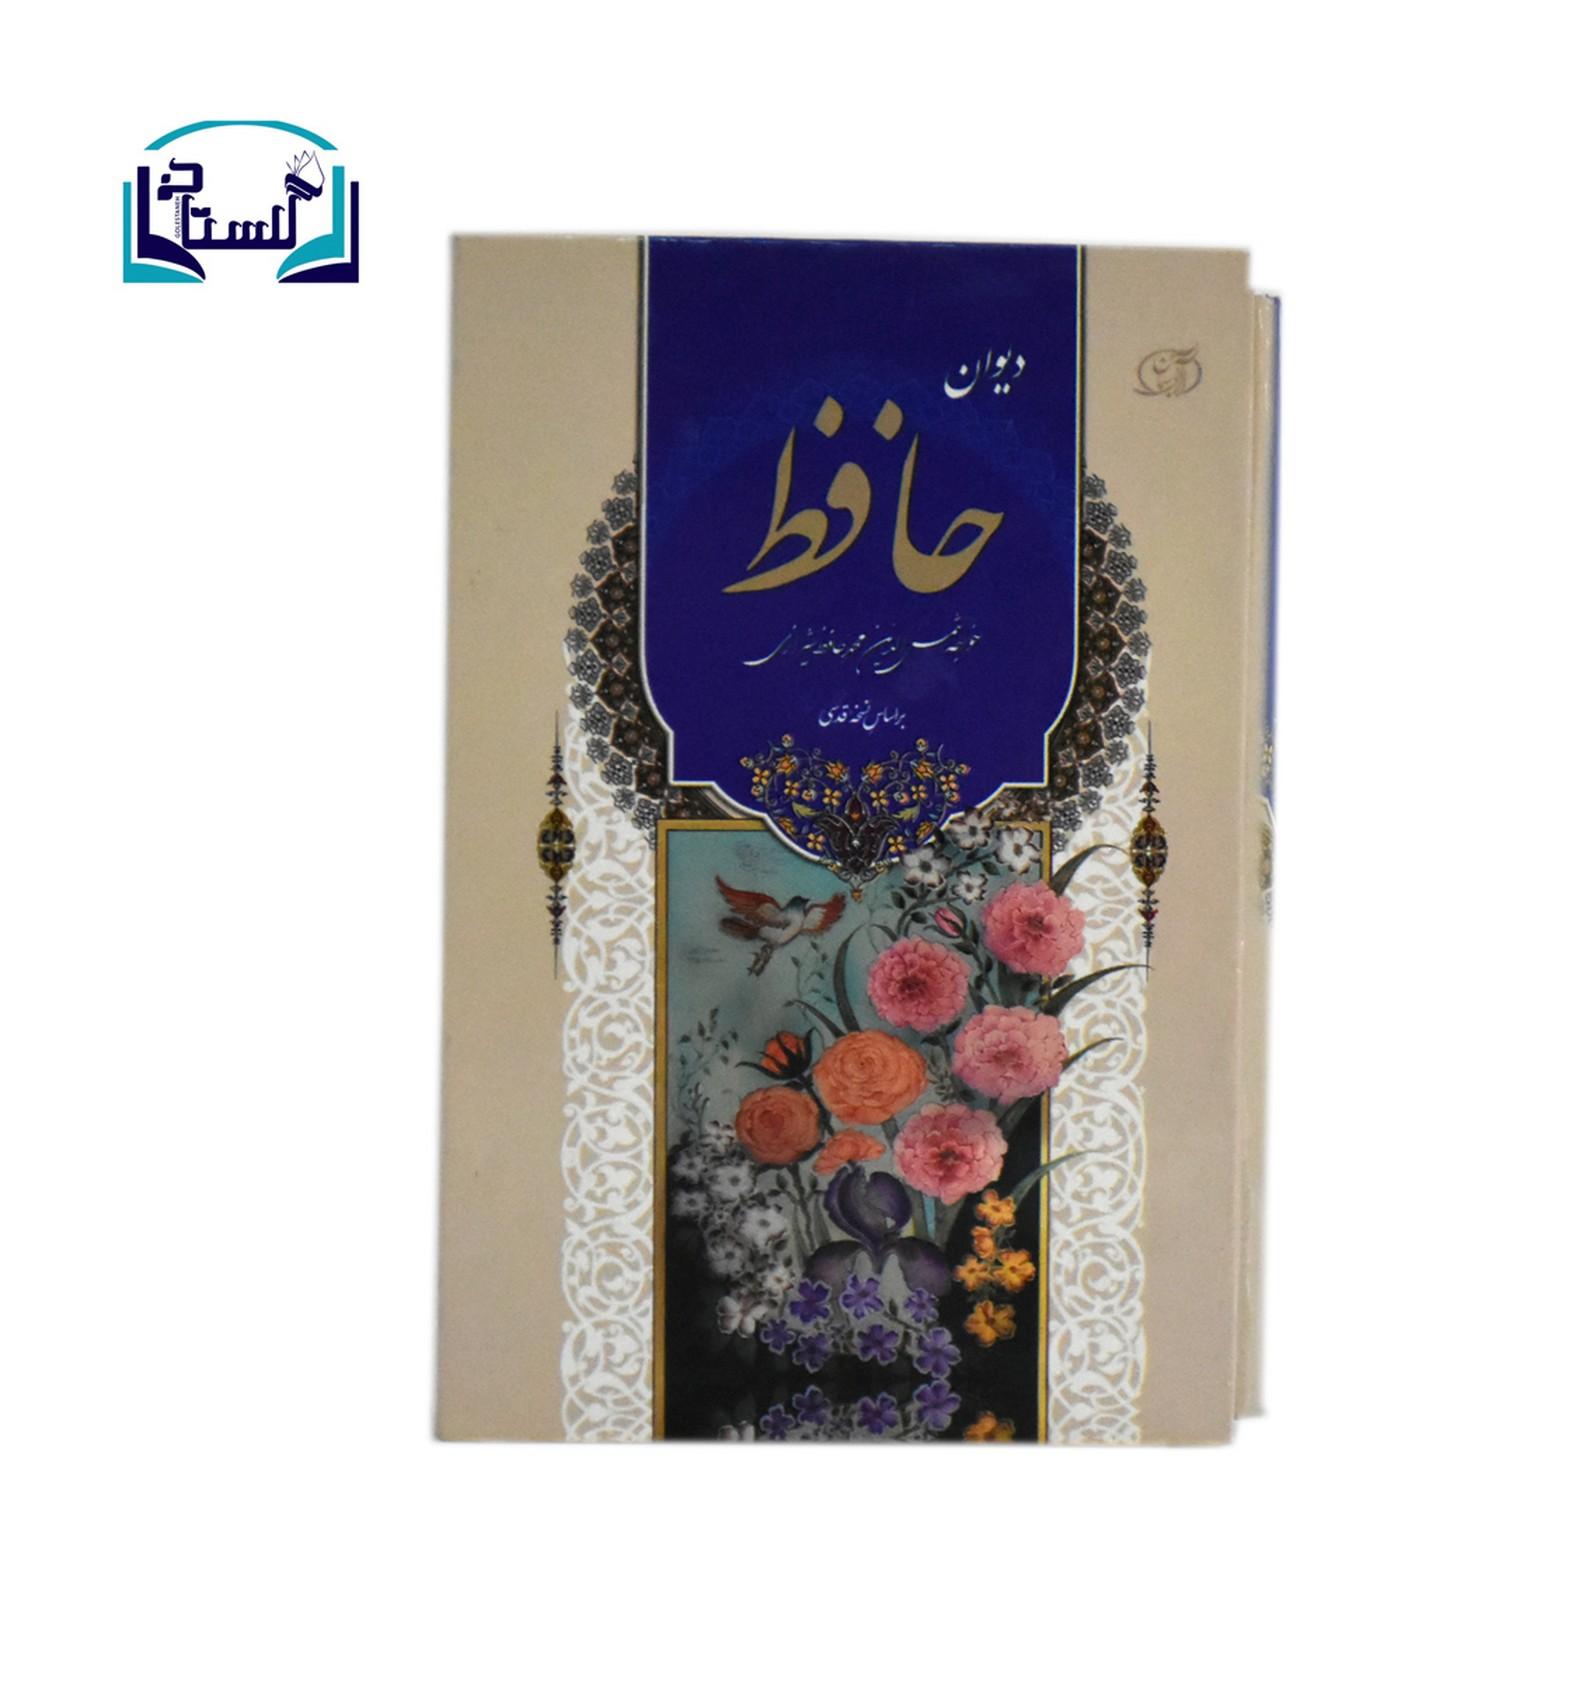 ديوان-حافظ-(آسمان-آبي)-1-8-قابدار